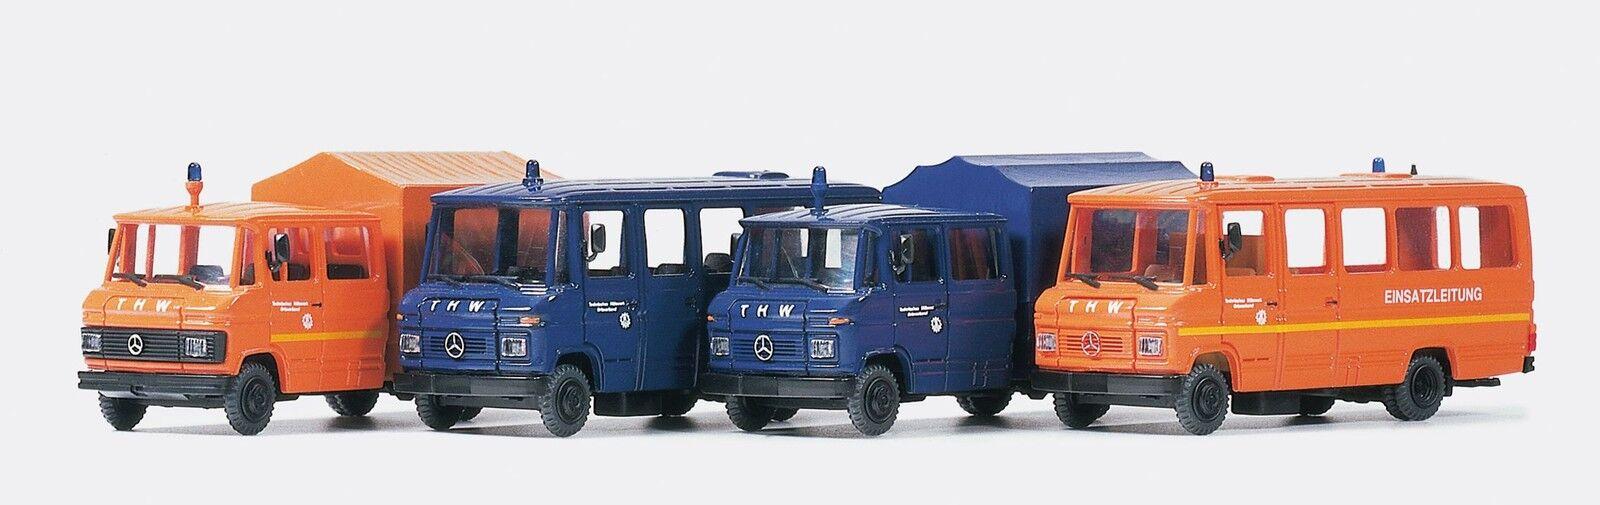 Preiser 31211 h0 quatre différents thw-véhicules